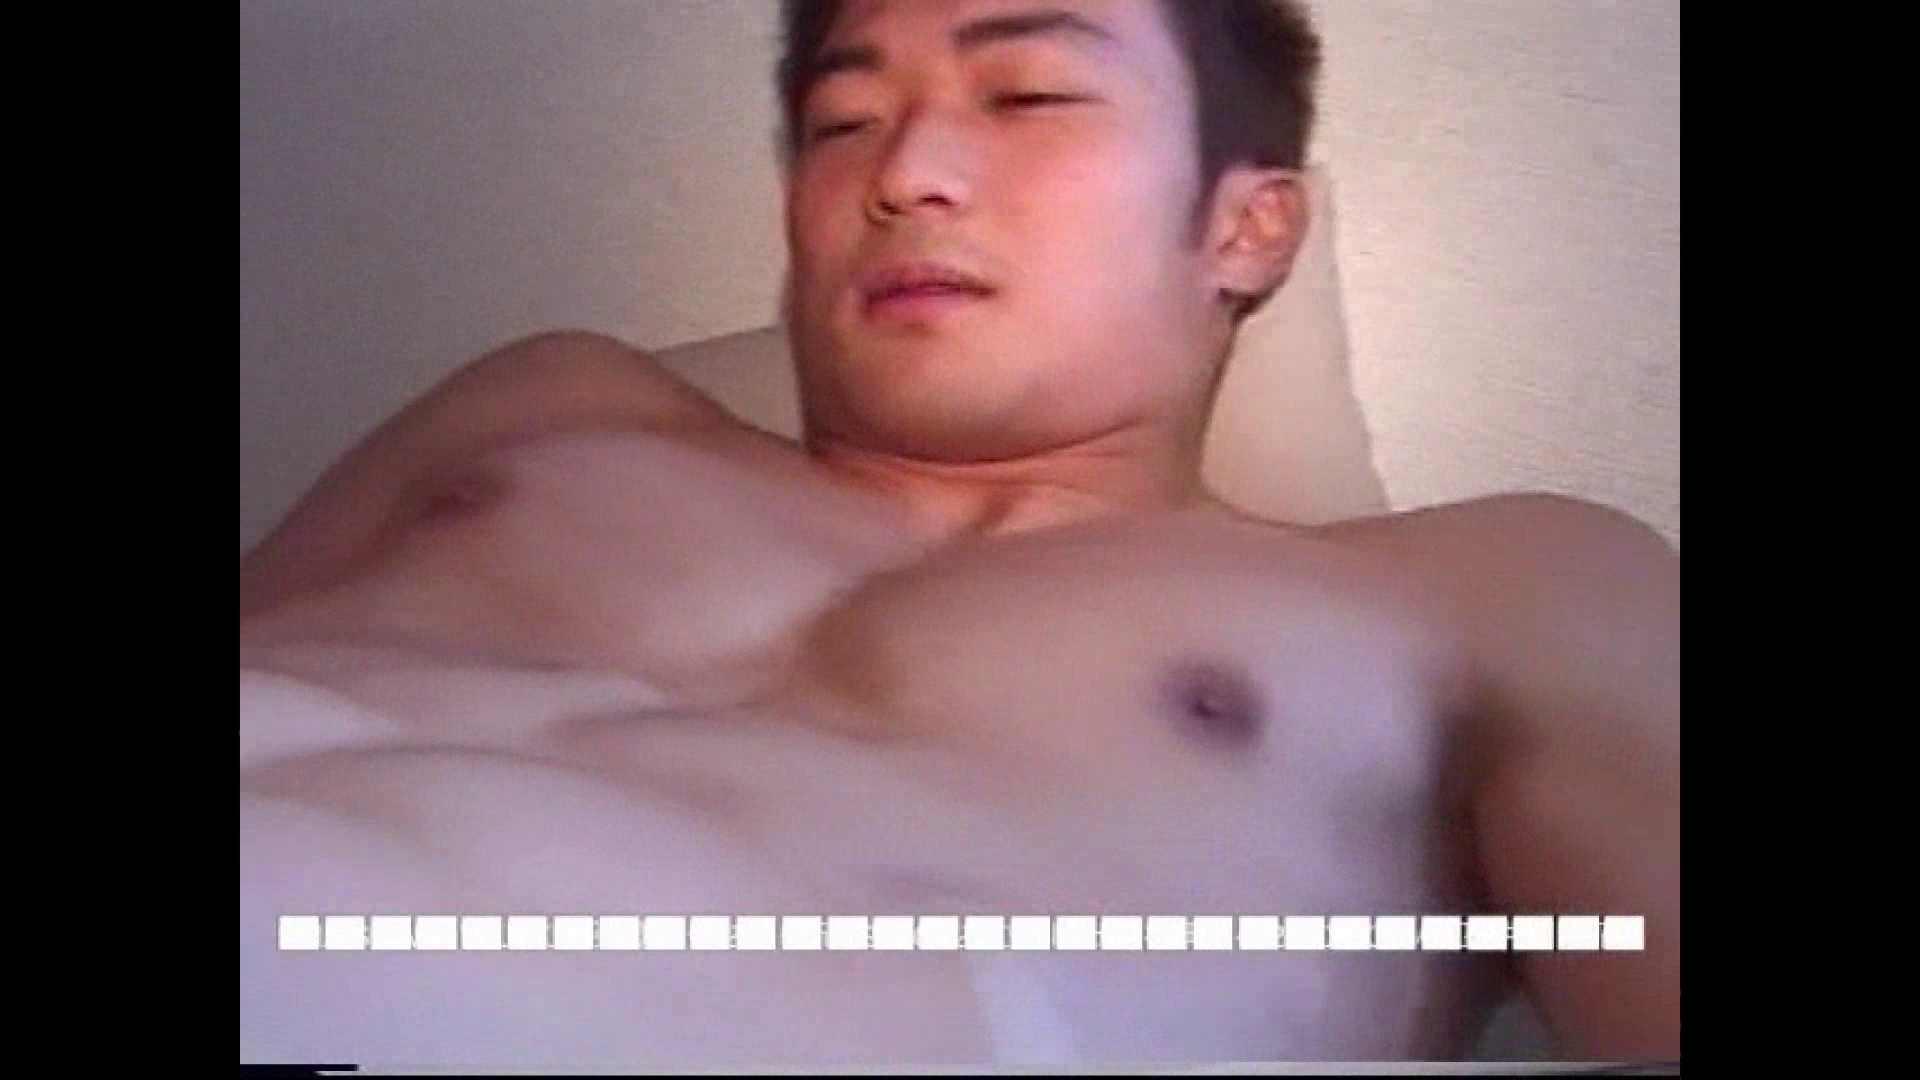 オナれ!集まれ!イケてるメンズ達!!File.40 スポーツ系な男たち ゲイえろ動画紹介 77連発 77